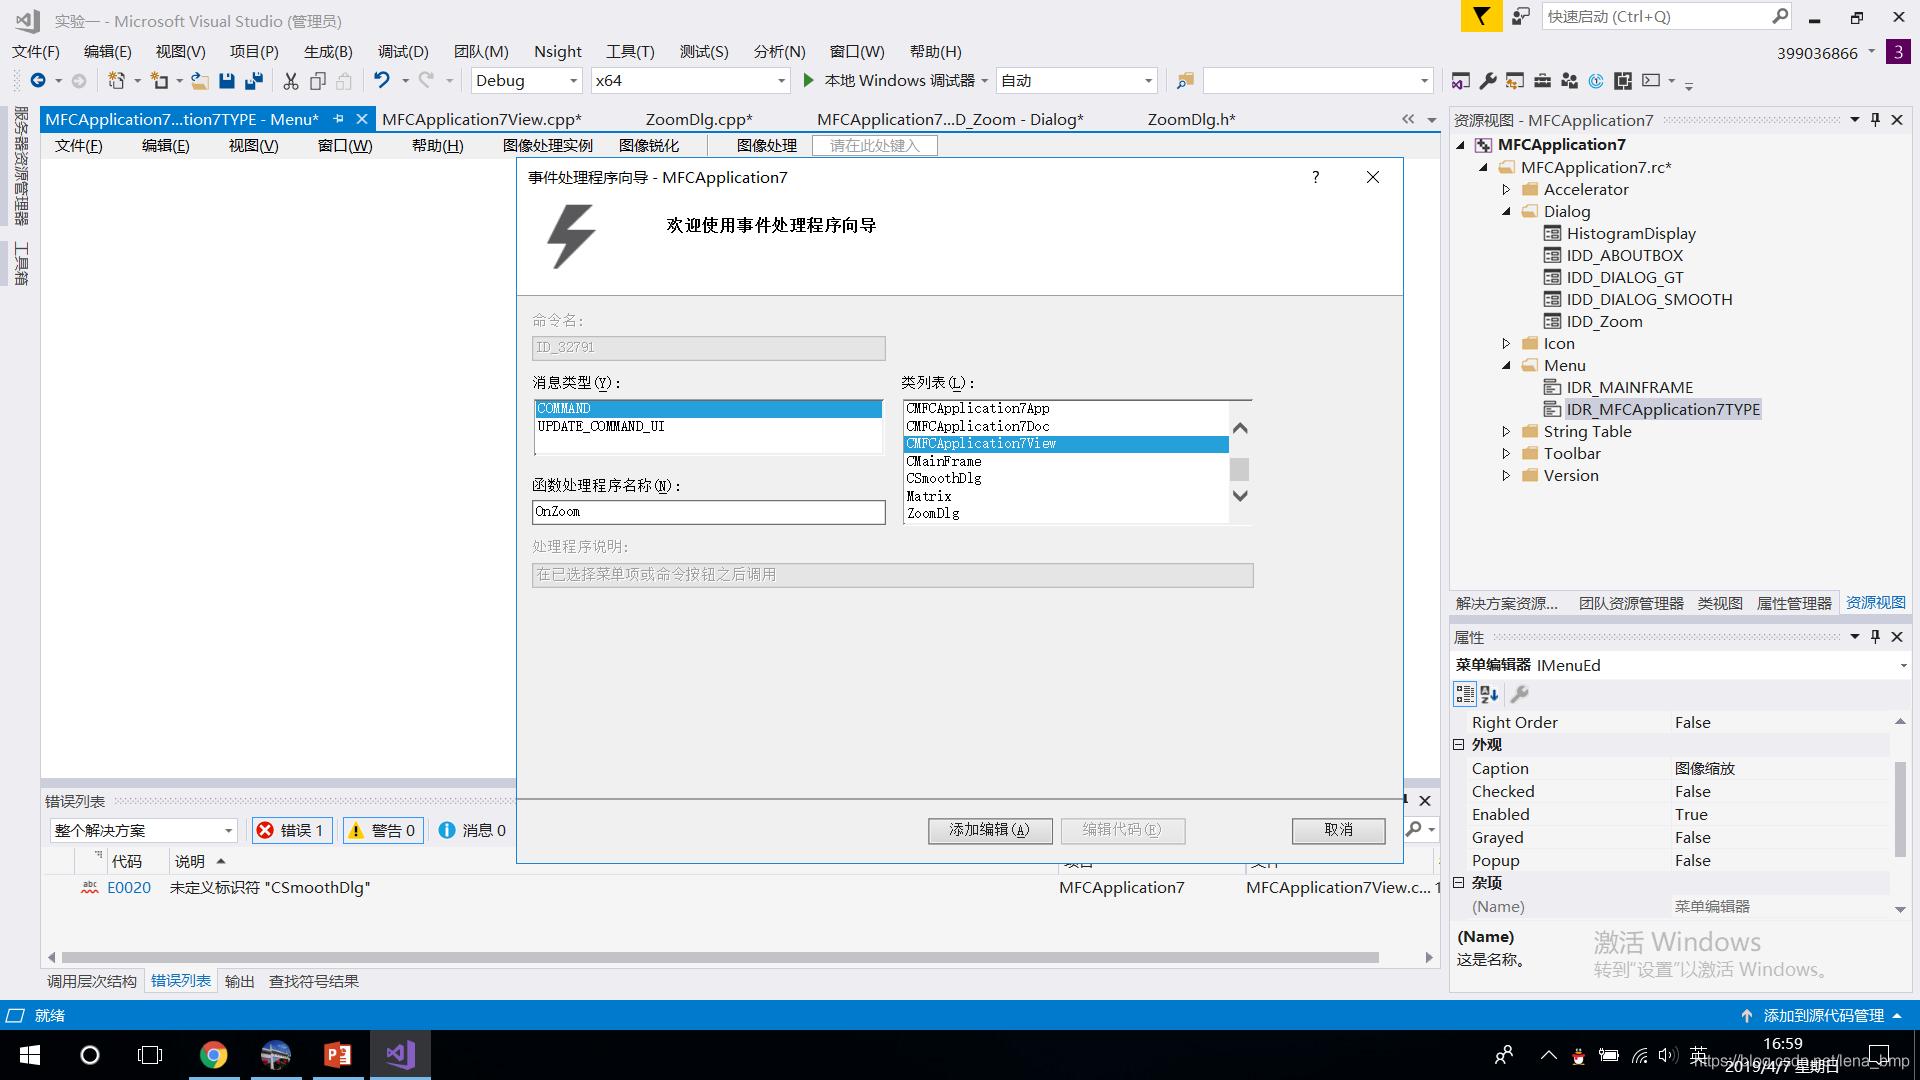 处理程序选择View类的command类型,点击添加编辑